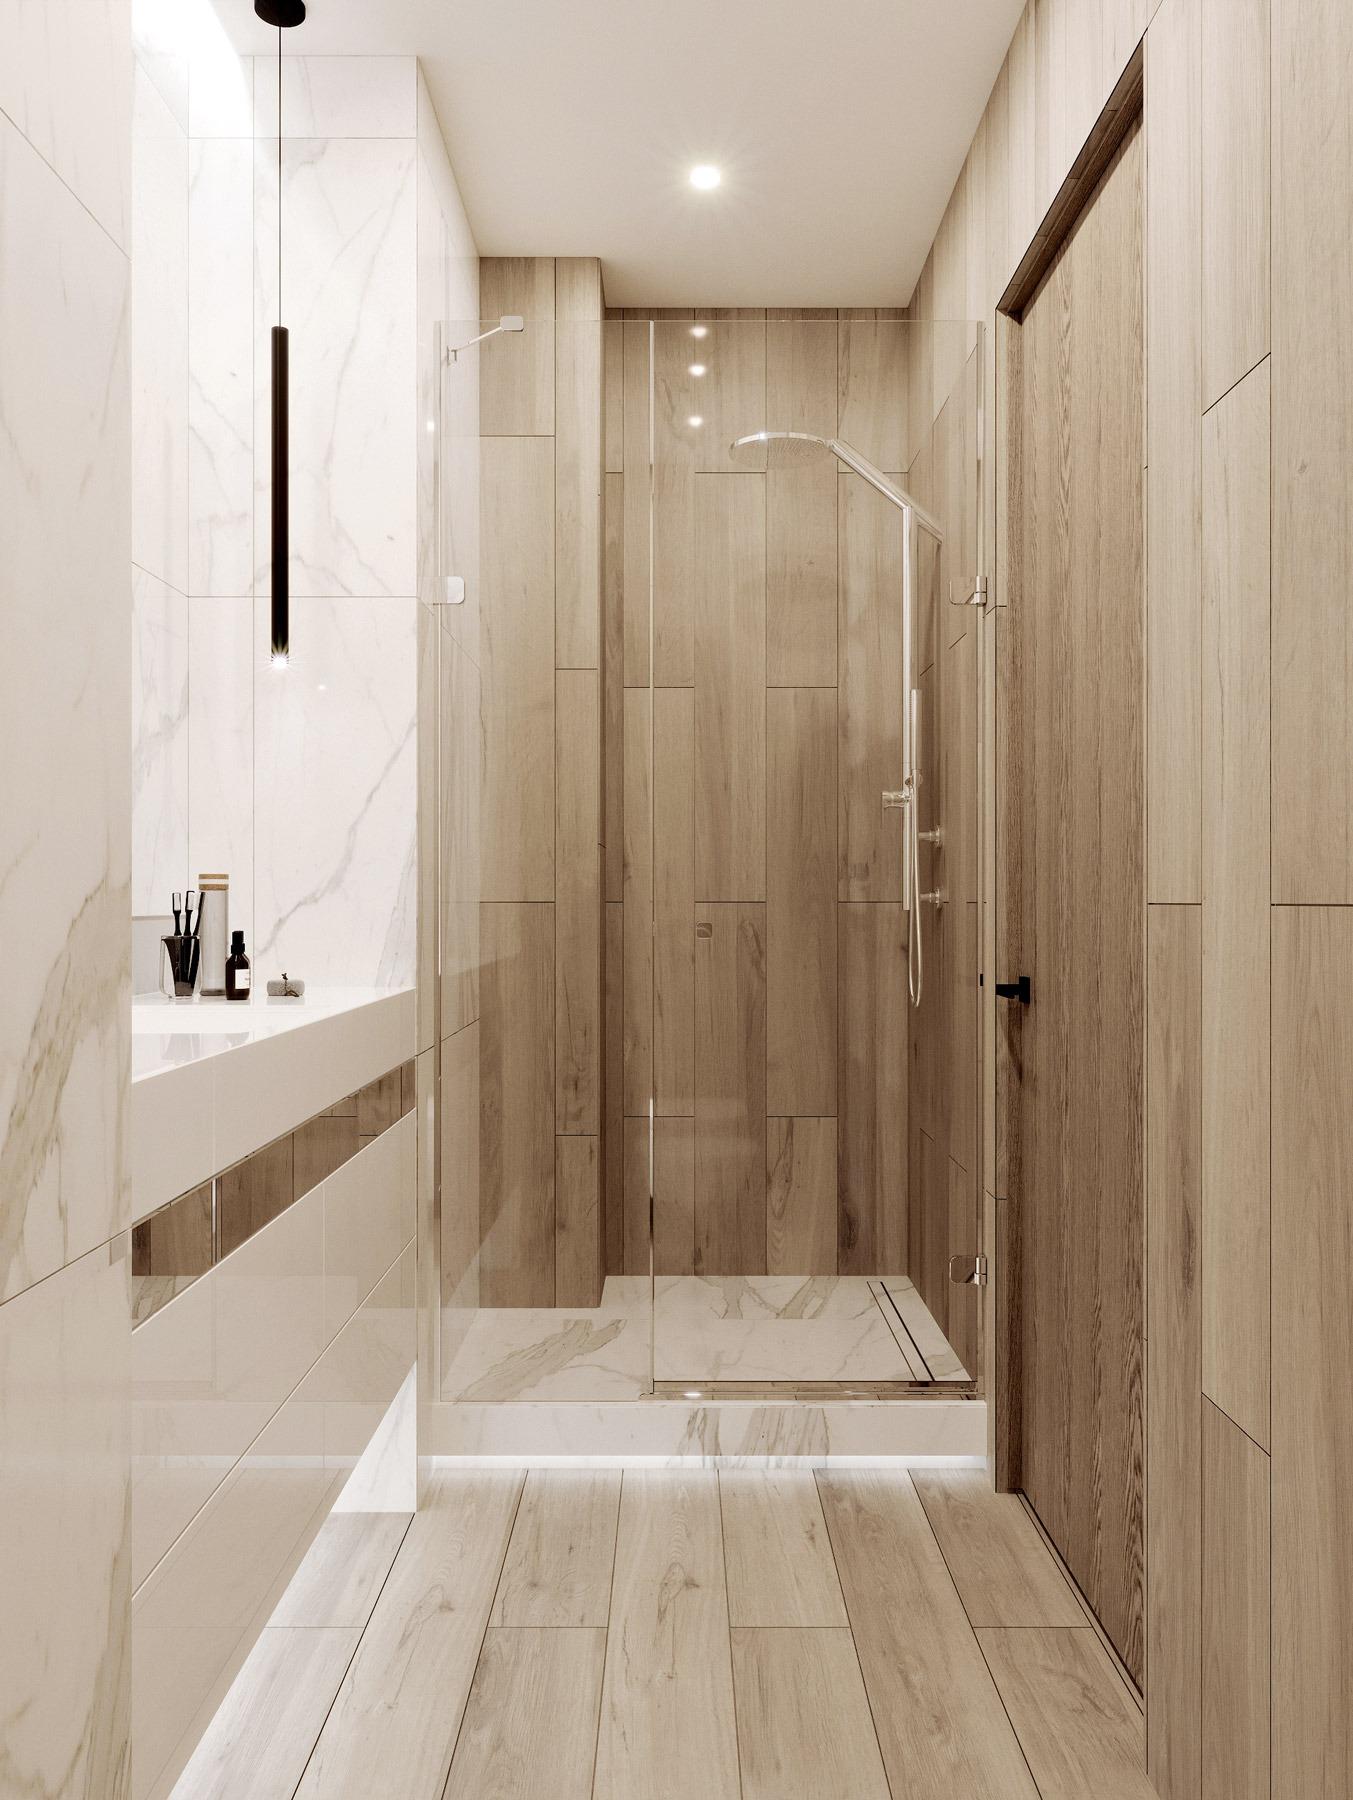 Дизайн квартиры в ЖК Парк авеню Астана - гостевой С/У